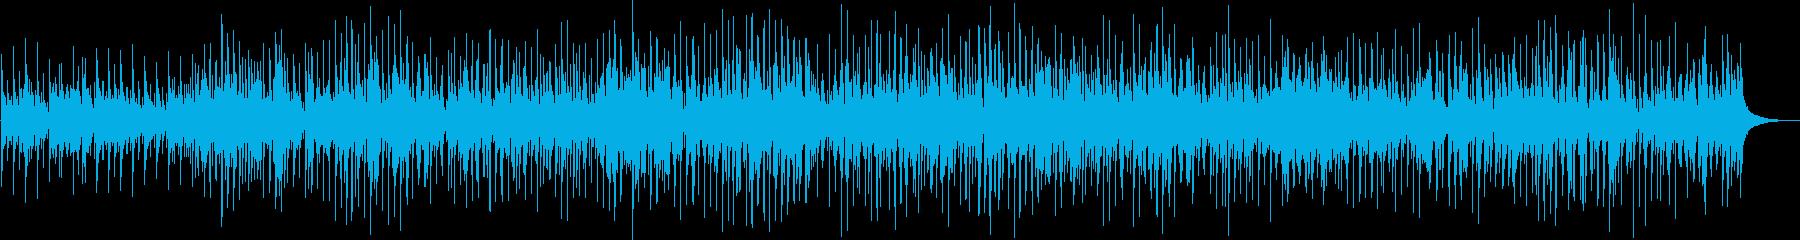 失恋をイメージしたカントリーバラードの再生済みの波形